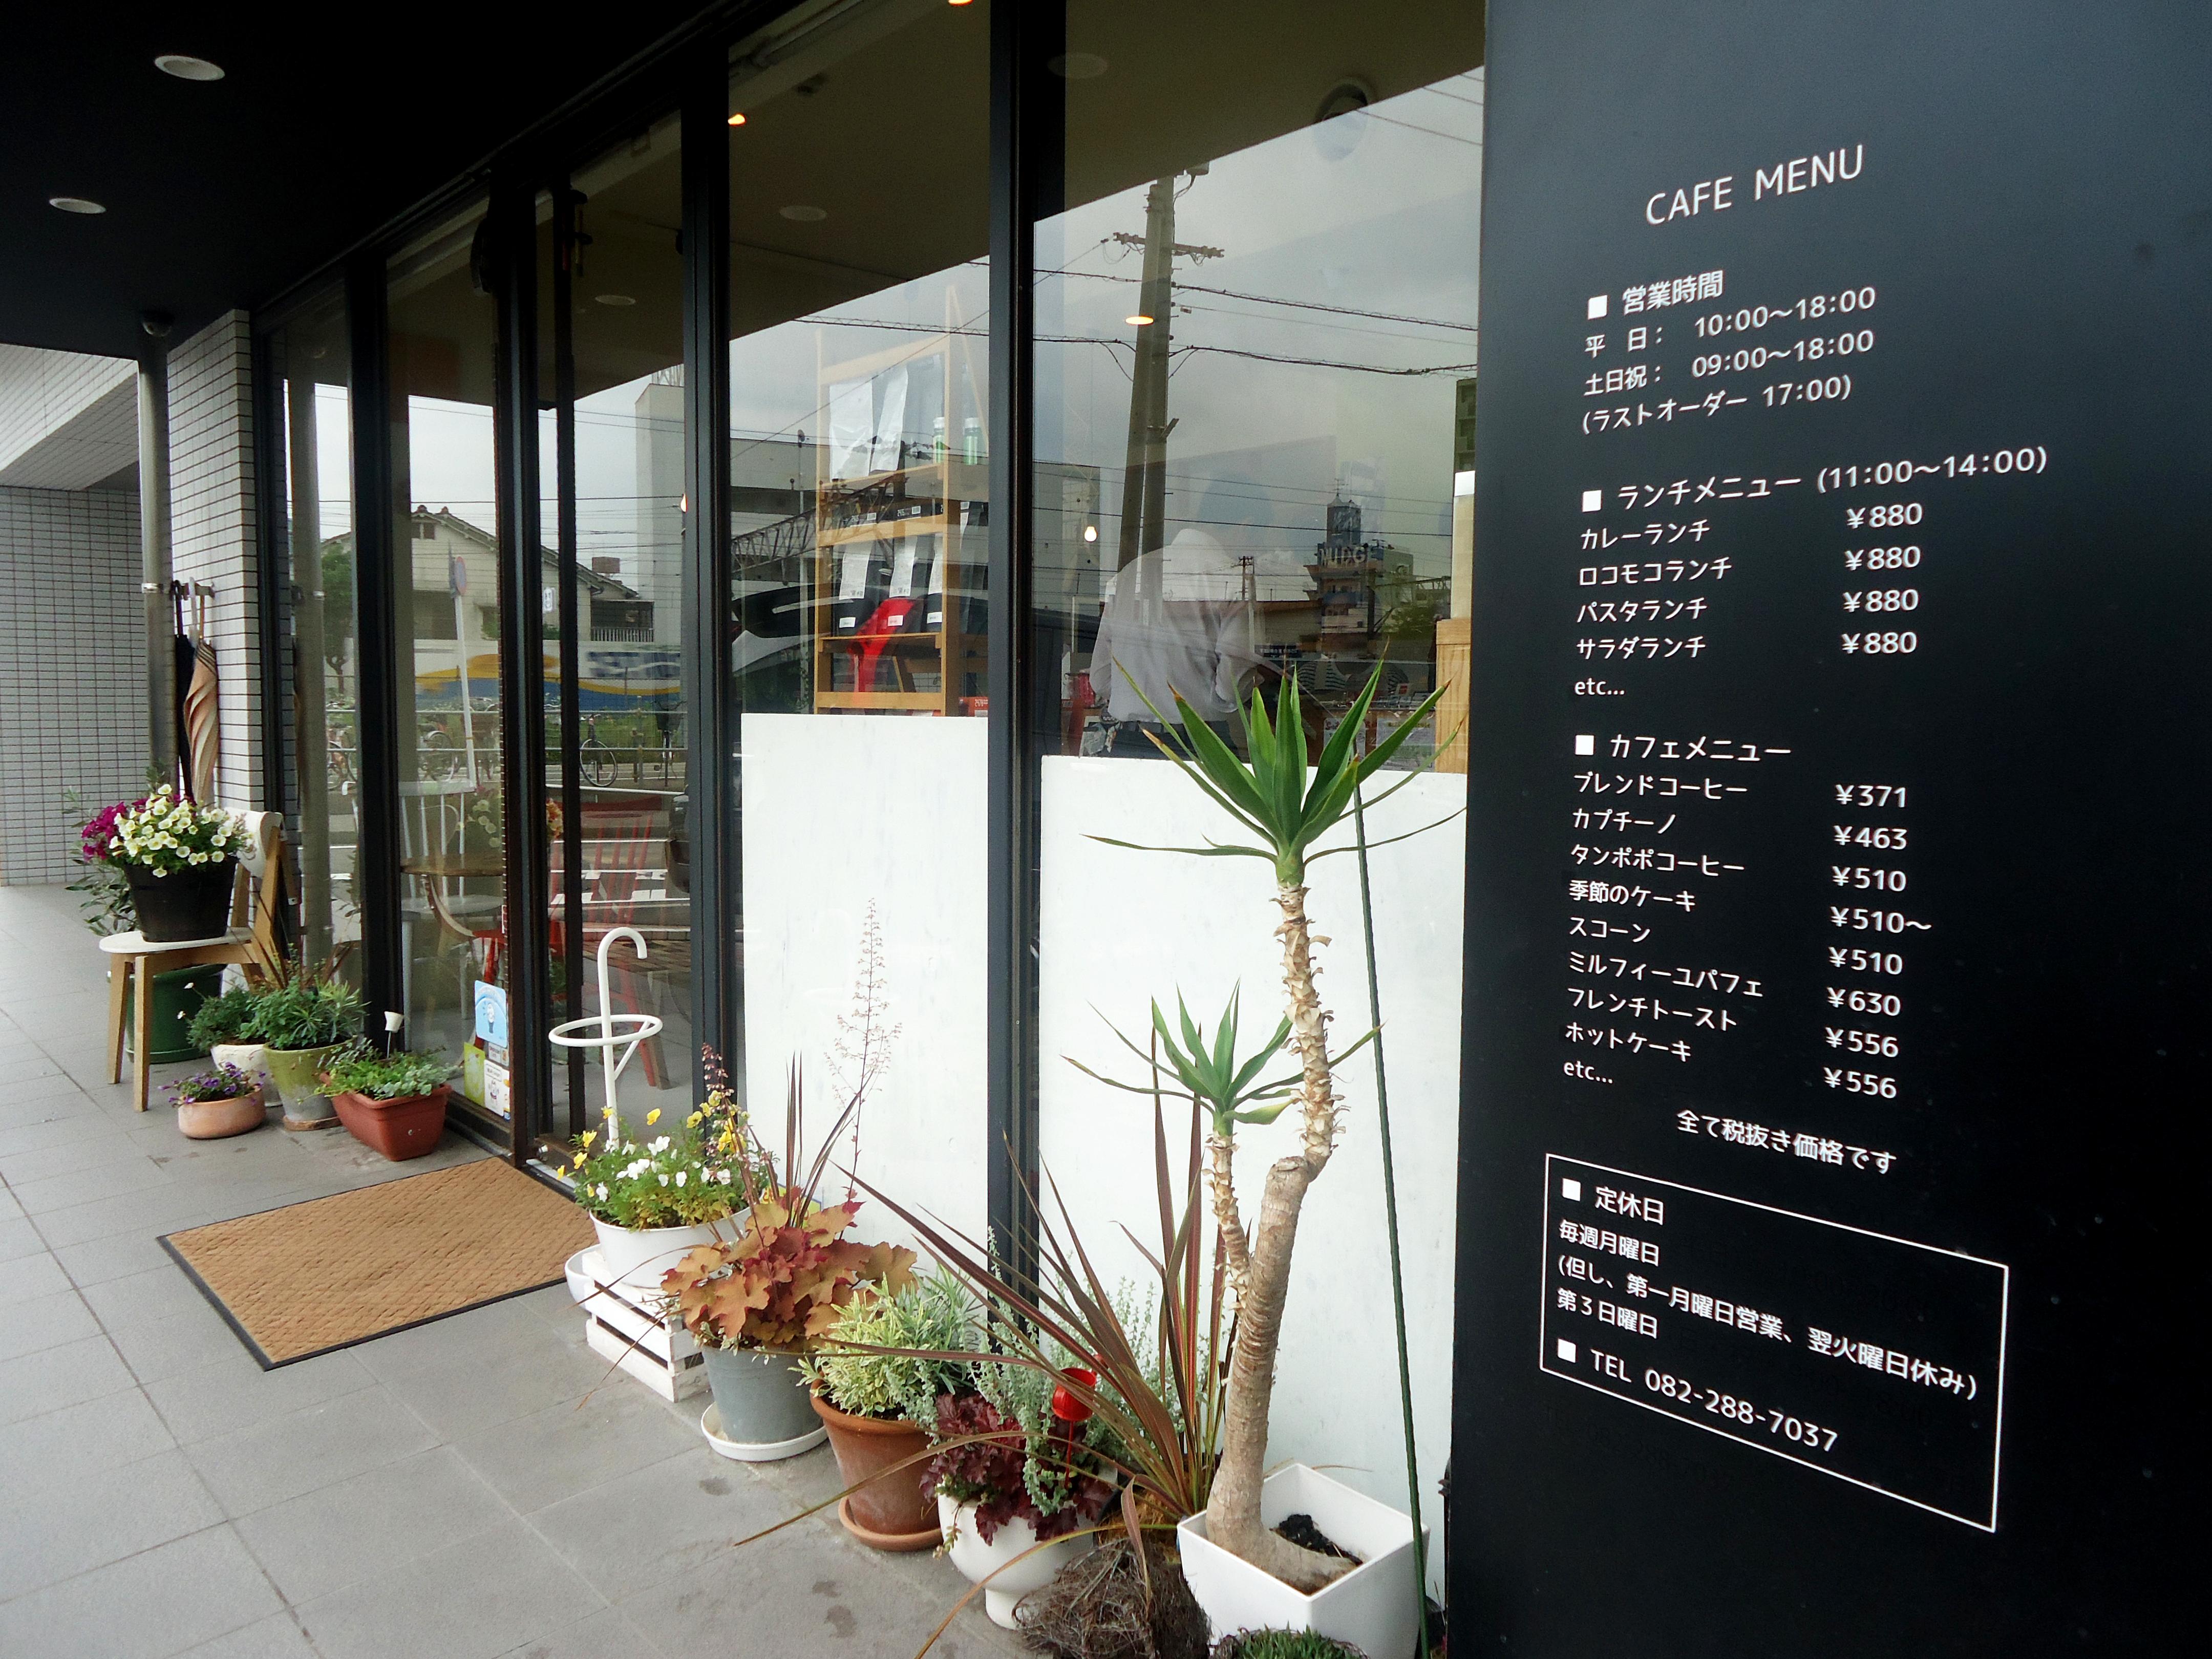 セブンプロート向洋駅前 カフェ